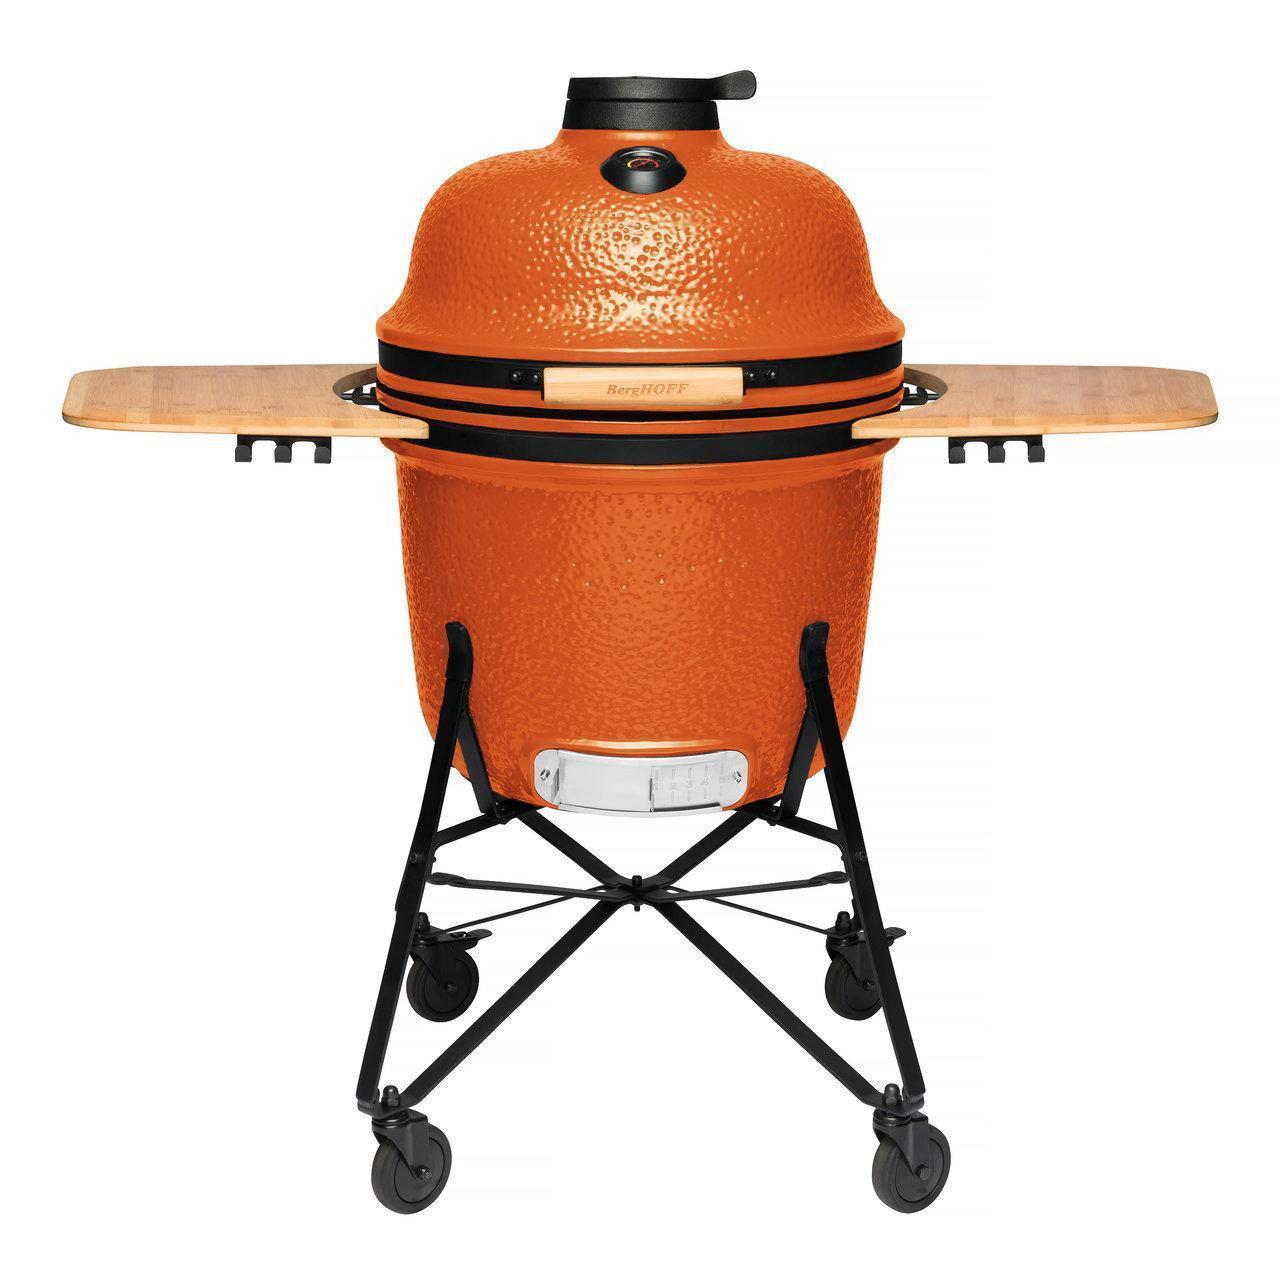 Керамический уличный гриль большой 135*58*120см (оранжевый) - 6 фото